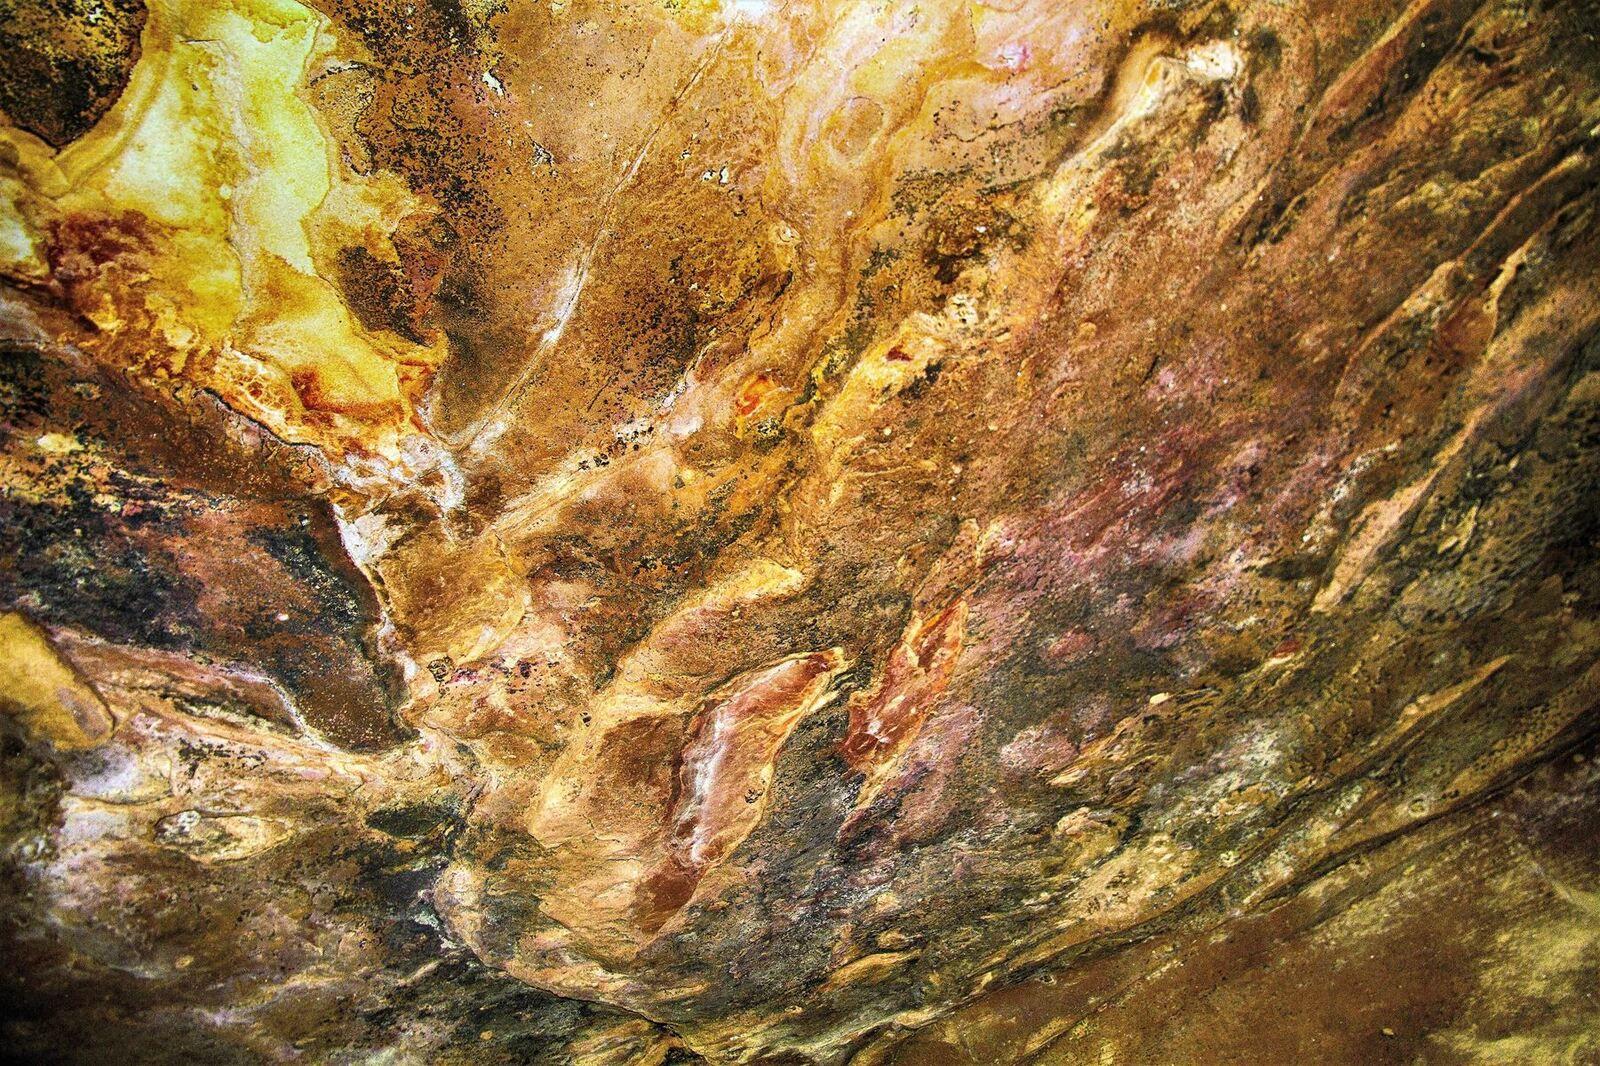 Grottes et autres fantaisies de la nature